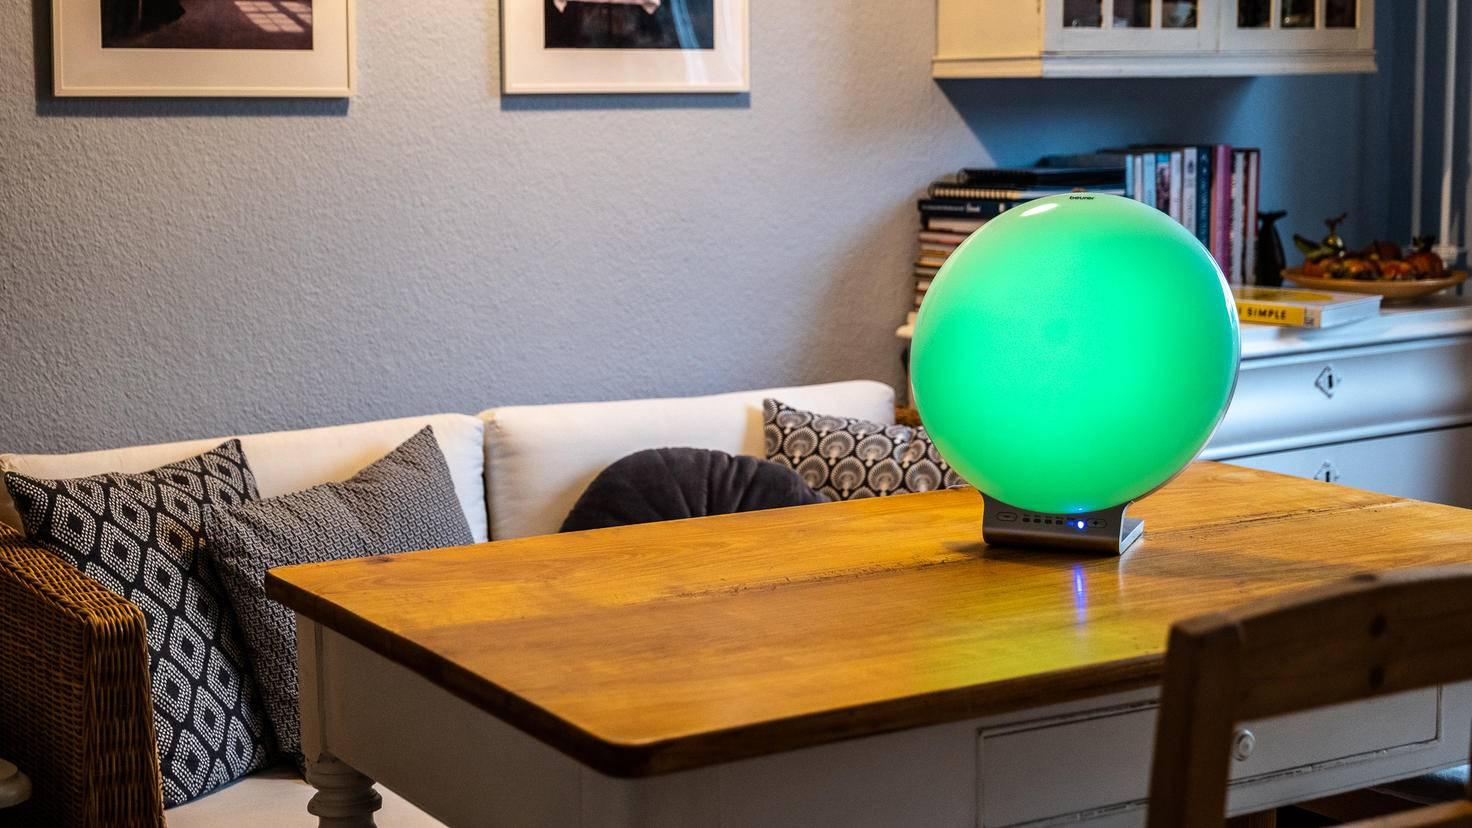 Beurer TL 100 daylight lamp